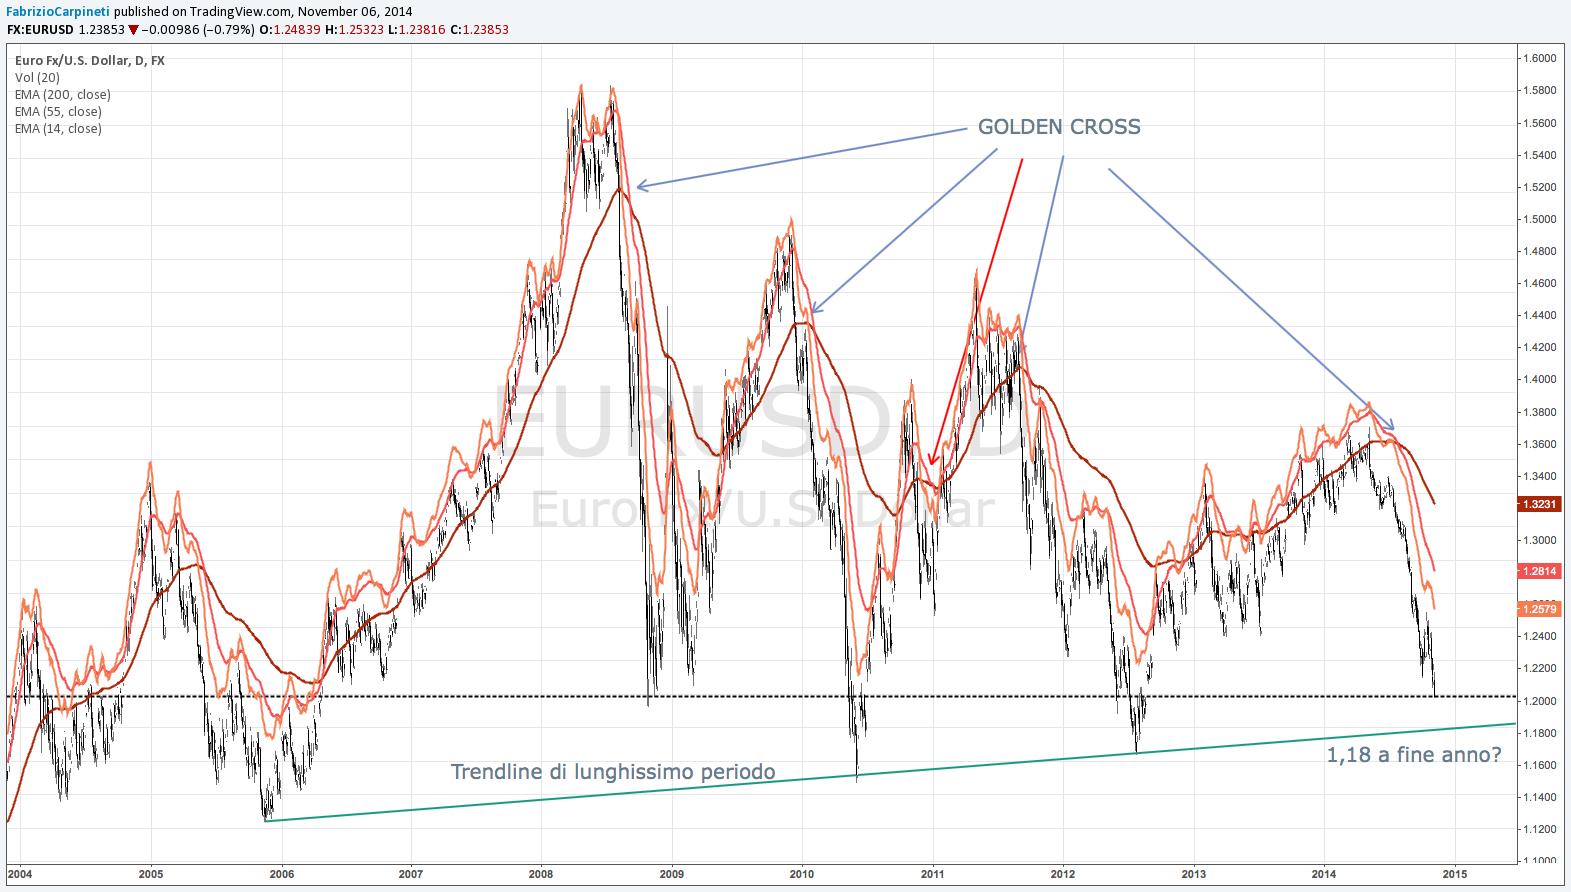 Le migliori strategie del forex: scalping o trading a lungo termine?